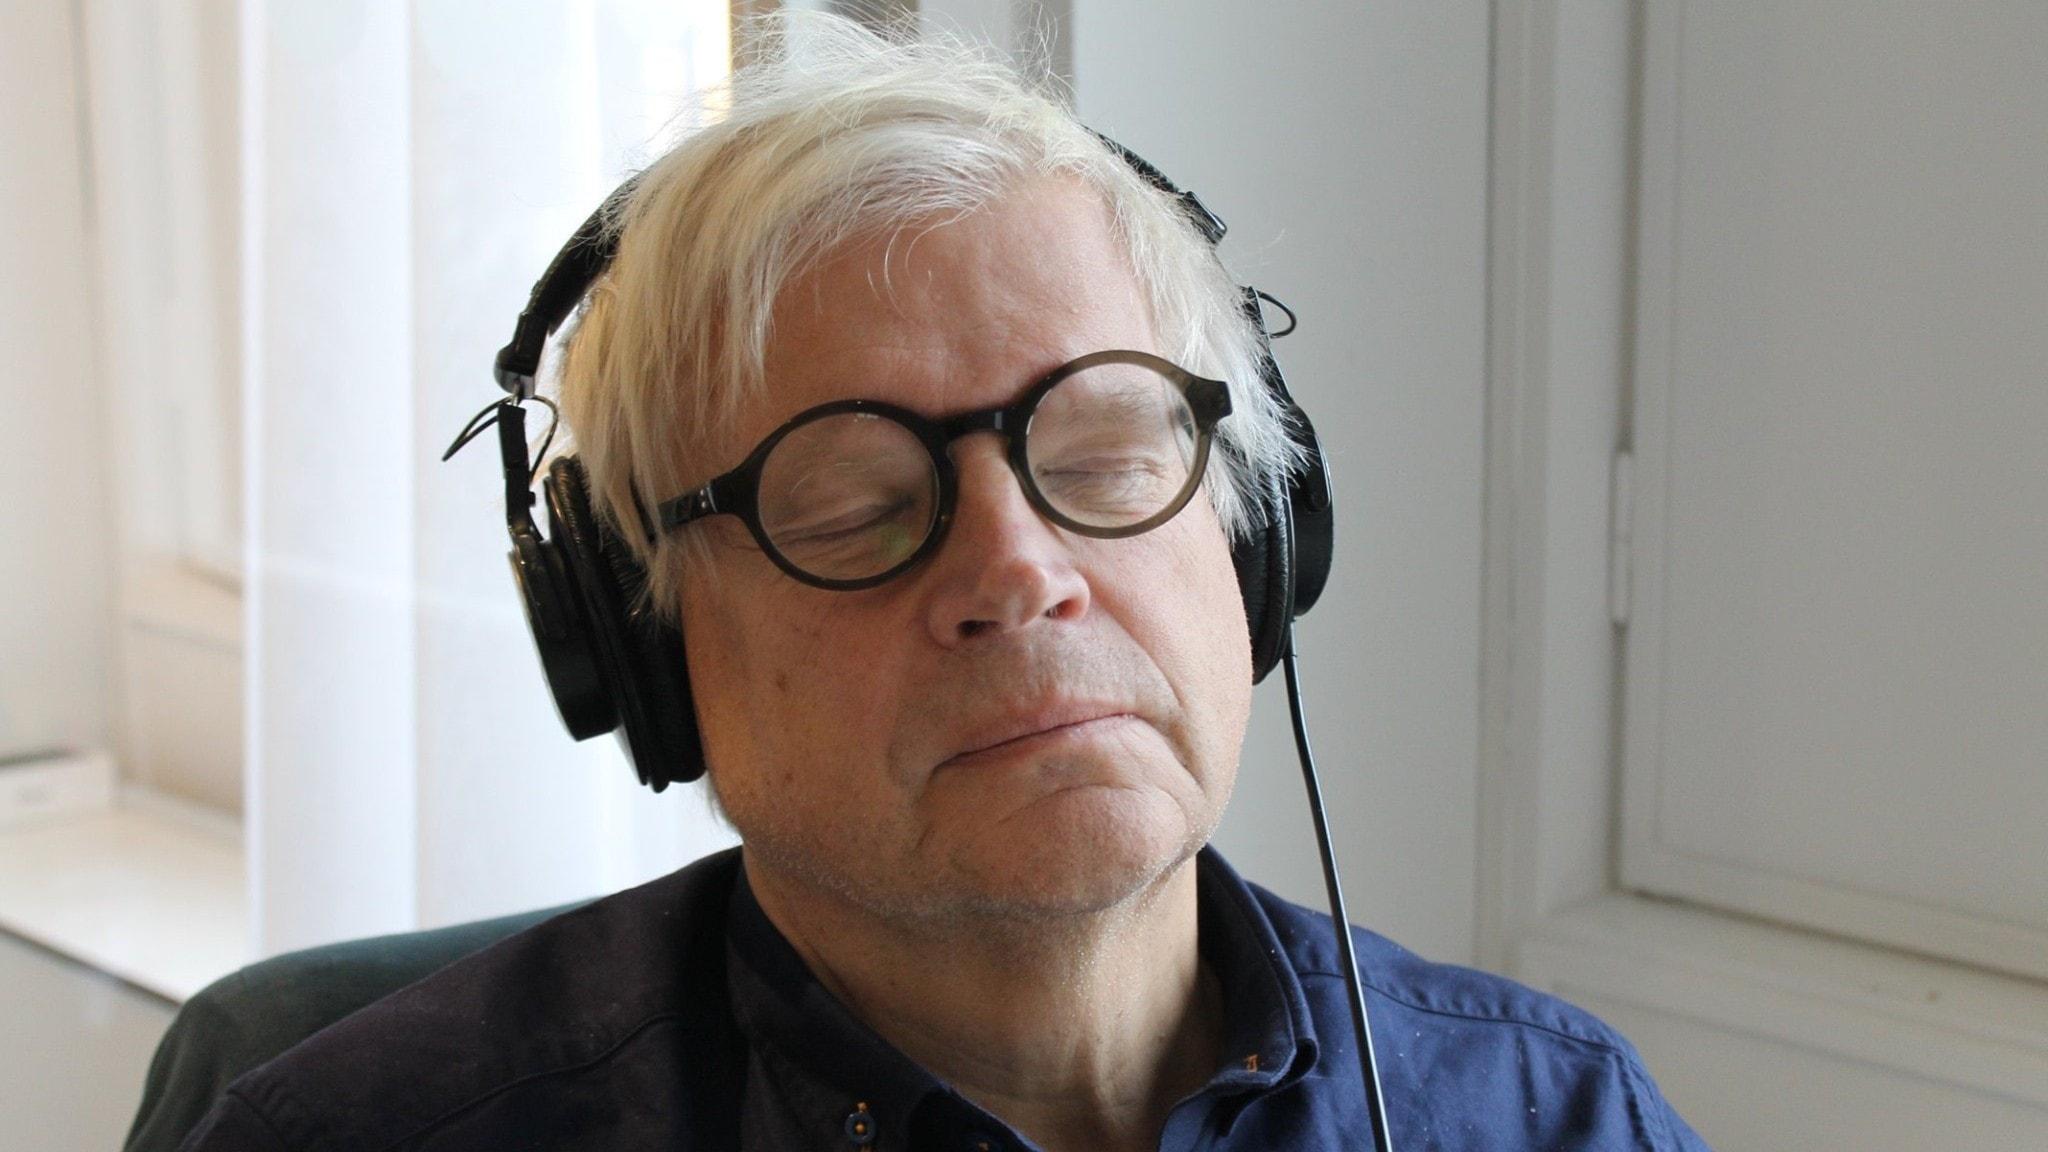 Thomas Nordegren lutar sig tillbaka och lyssnar på så kallat vitt brus i hörlurarna.